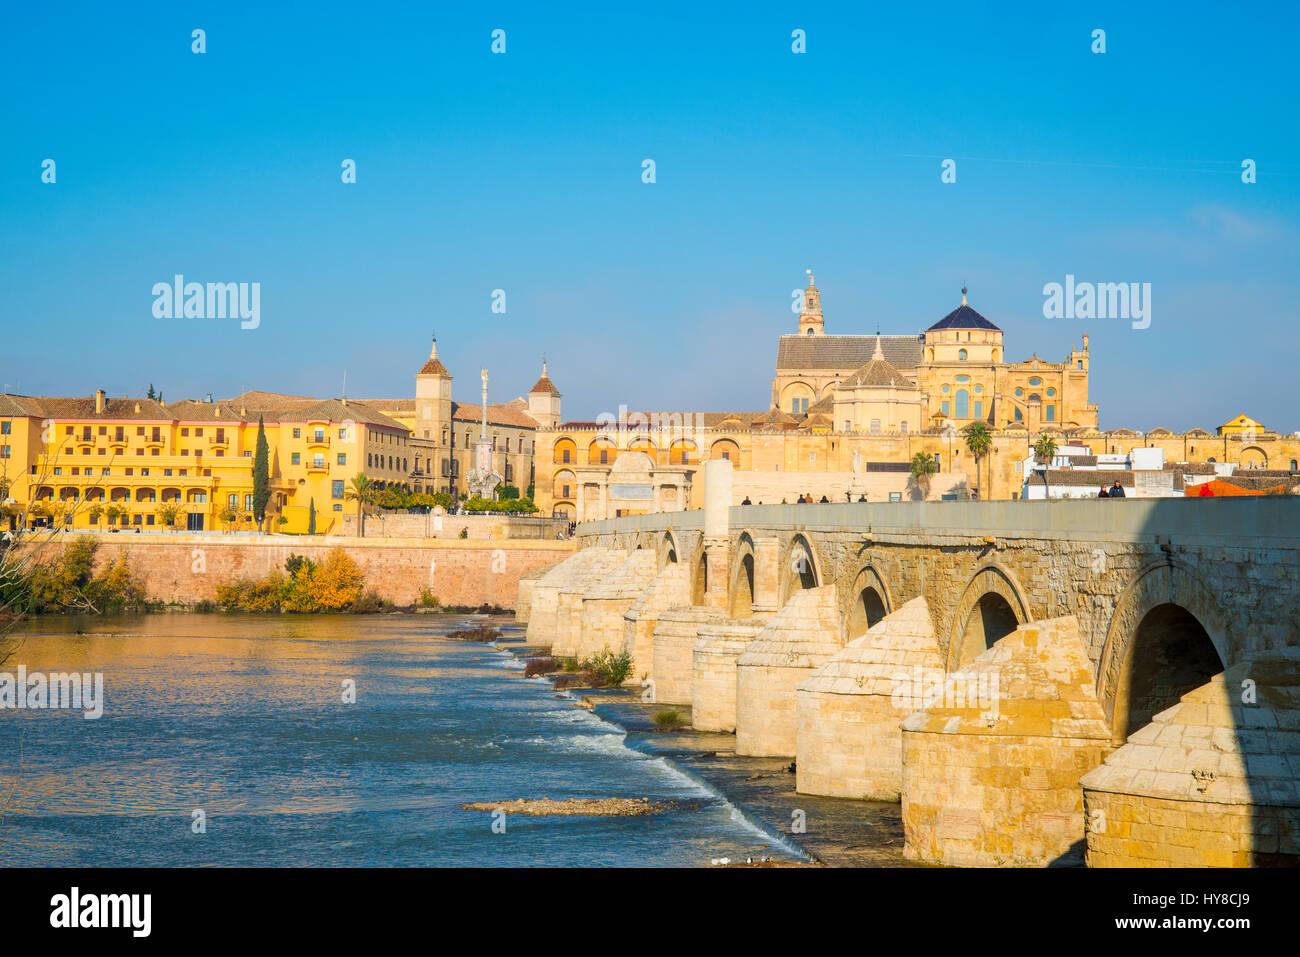 River Guadalaquivir, Roman bridge and view of the city. Cordoba, Spain. - Stock Image